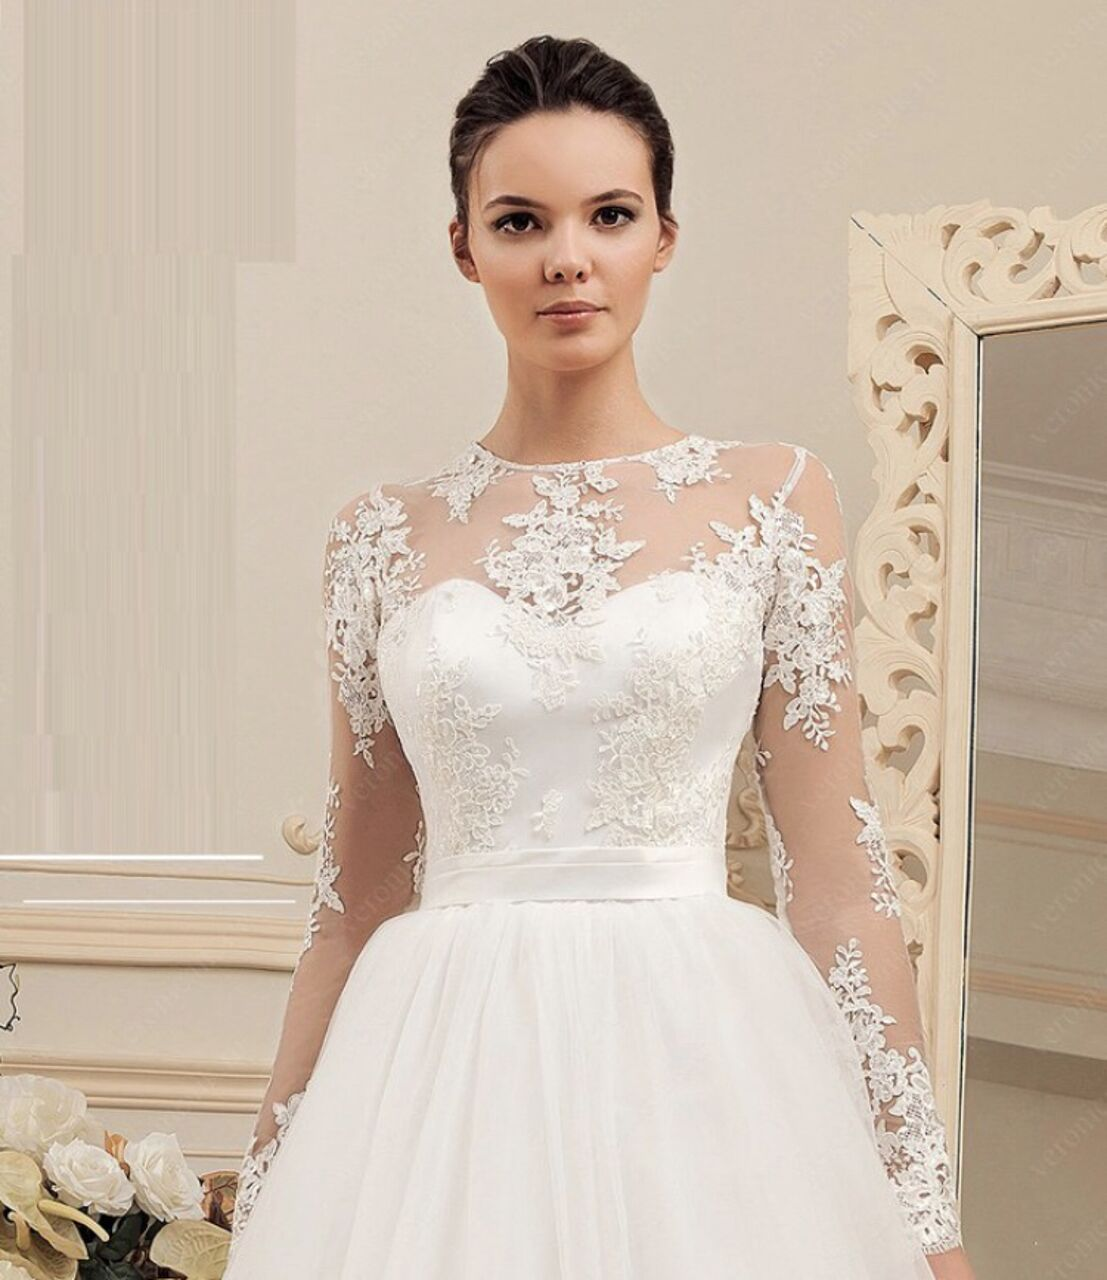 91dd9172f65fc51 Продам свадебное платье размер 44-46. Одевалось один раз на свадебную  фотосессию. В комплекте идёт пояс на талию с камнями.